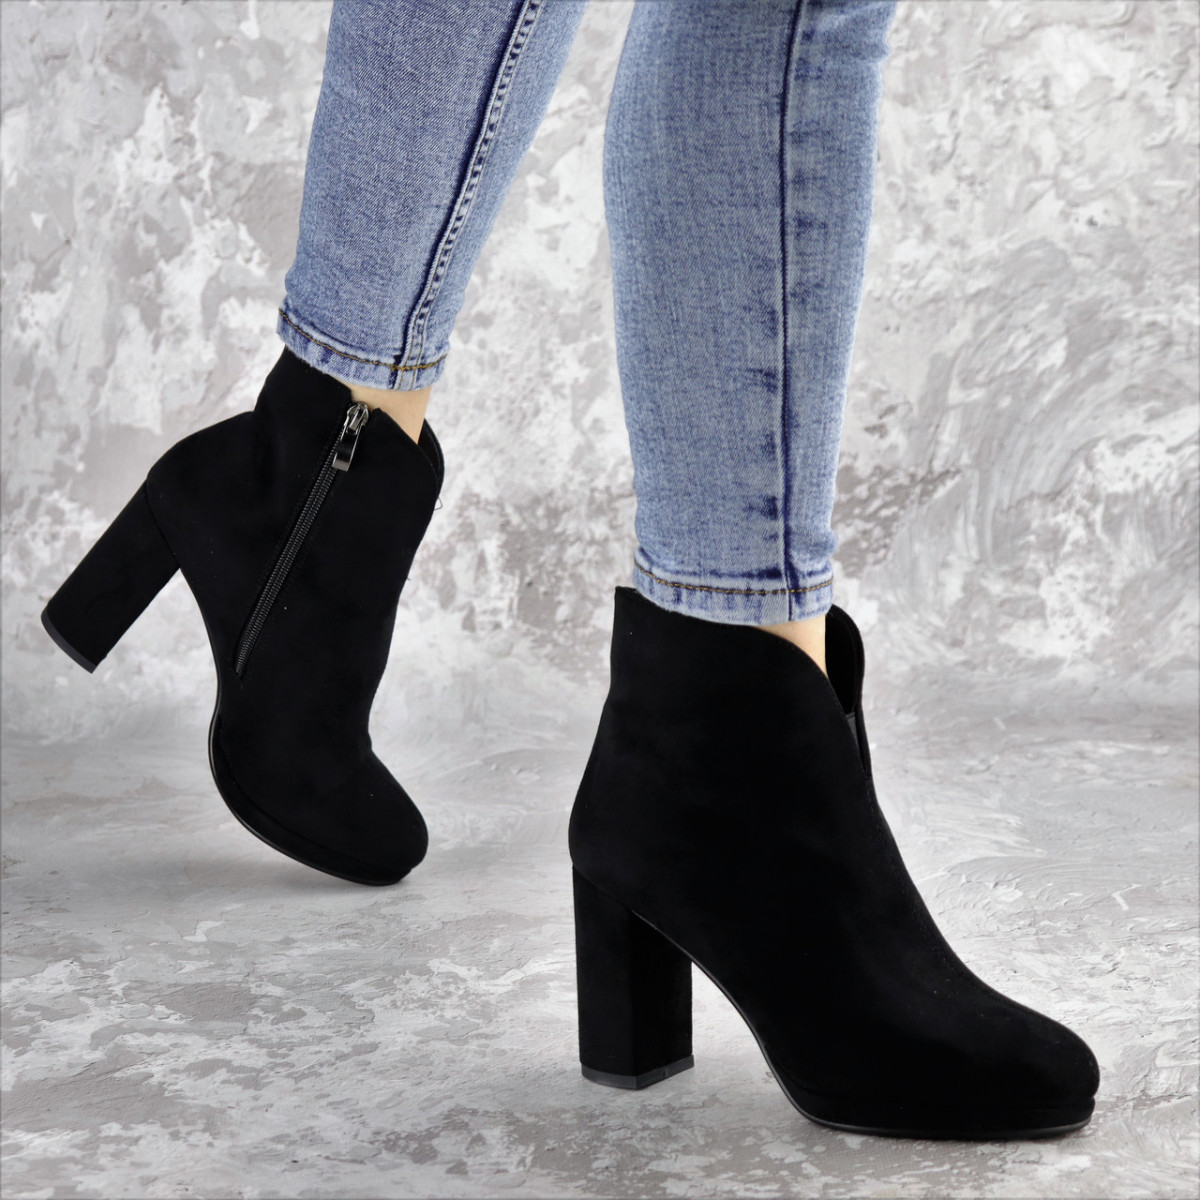 Ботильйони жіночі Fashion Tussler 2417 37 розмір 24 см Чорний